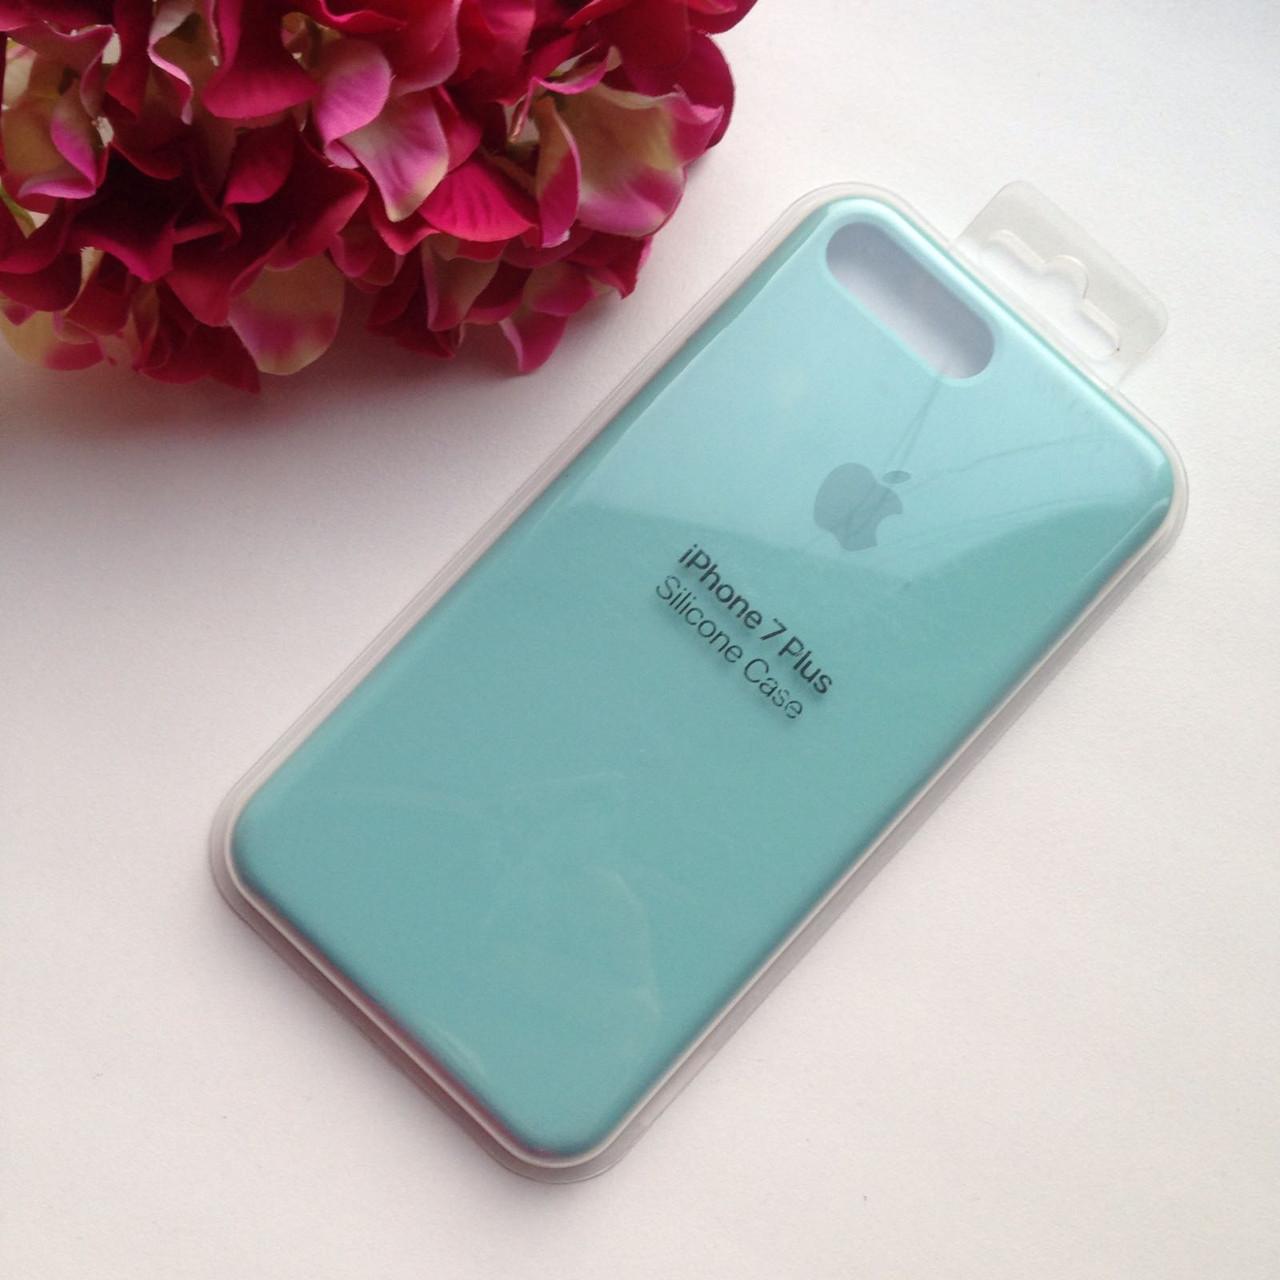 Оригинальный силиконовый мятный чехол для iPhone 7 plus